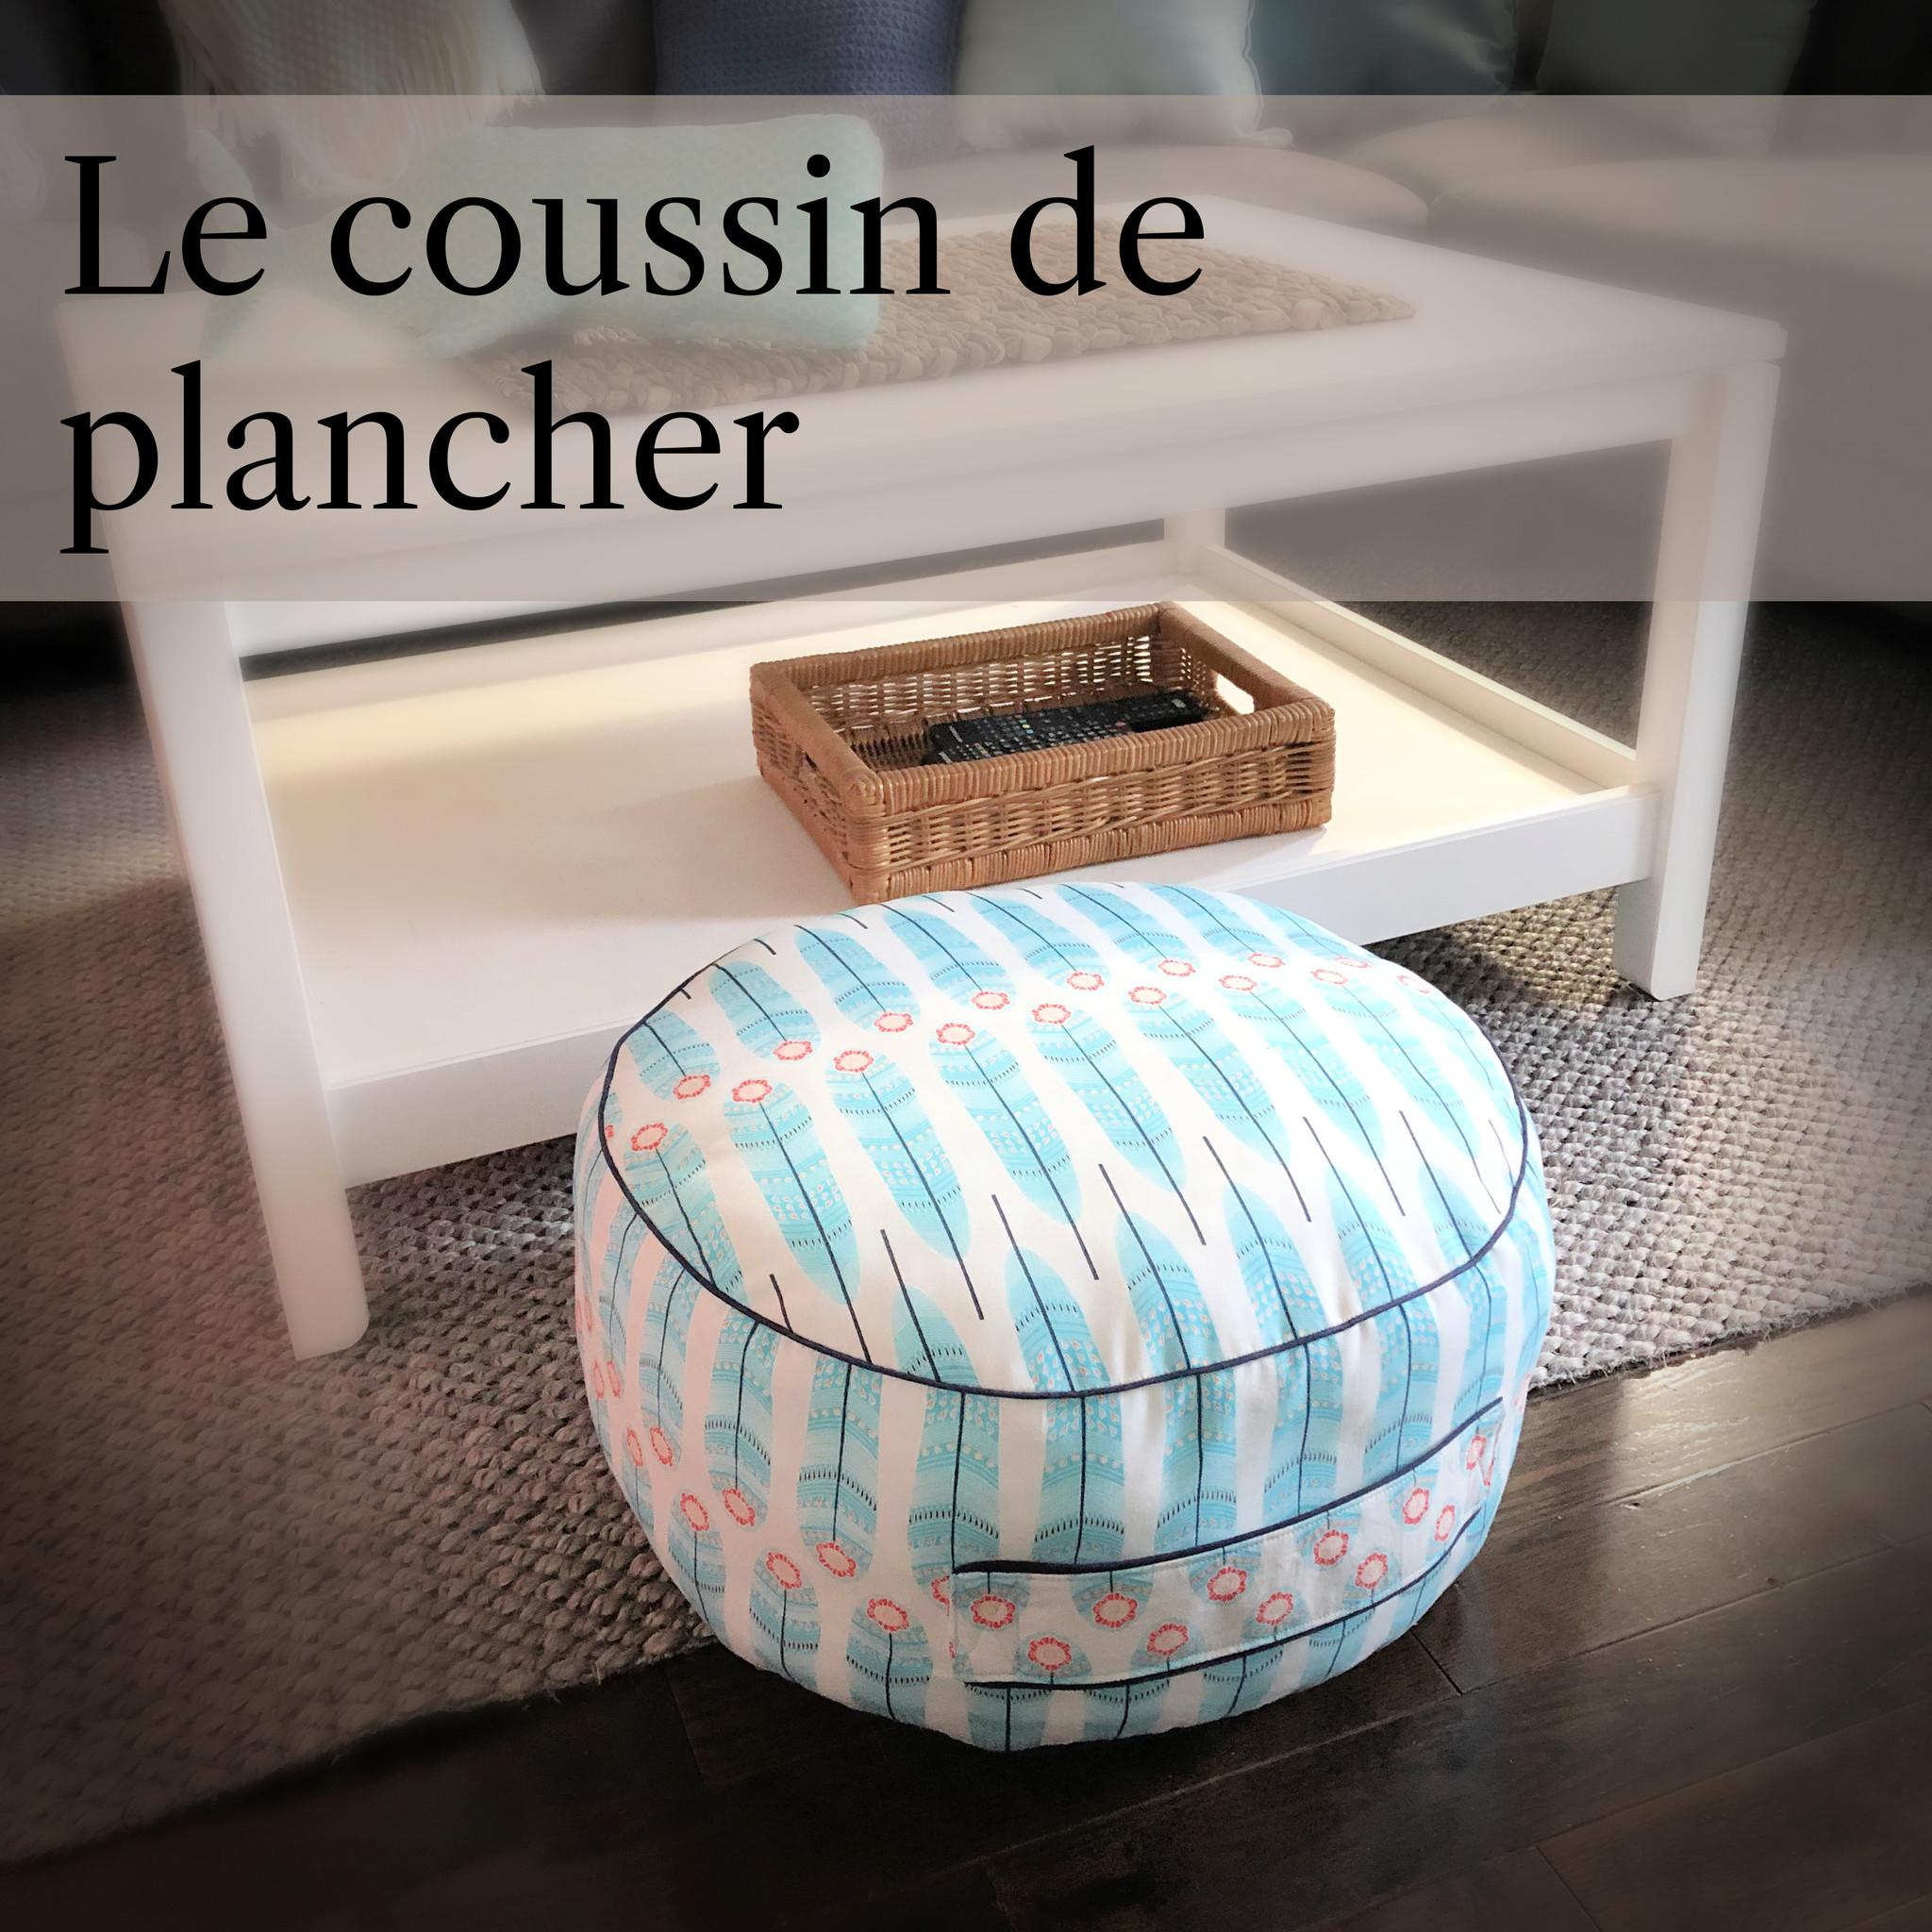 Le coussin de plancher